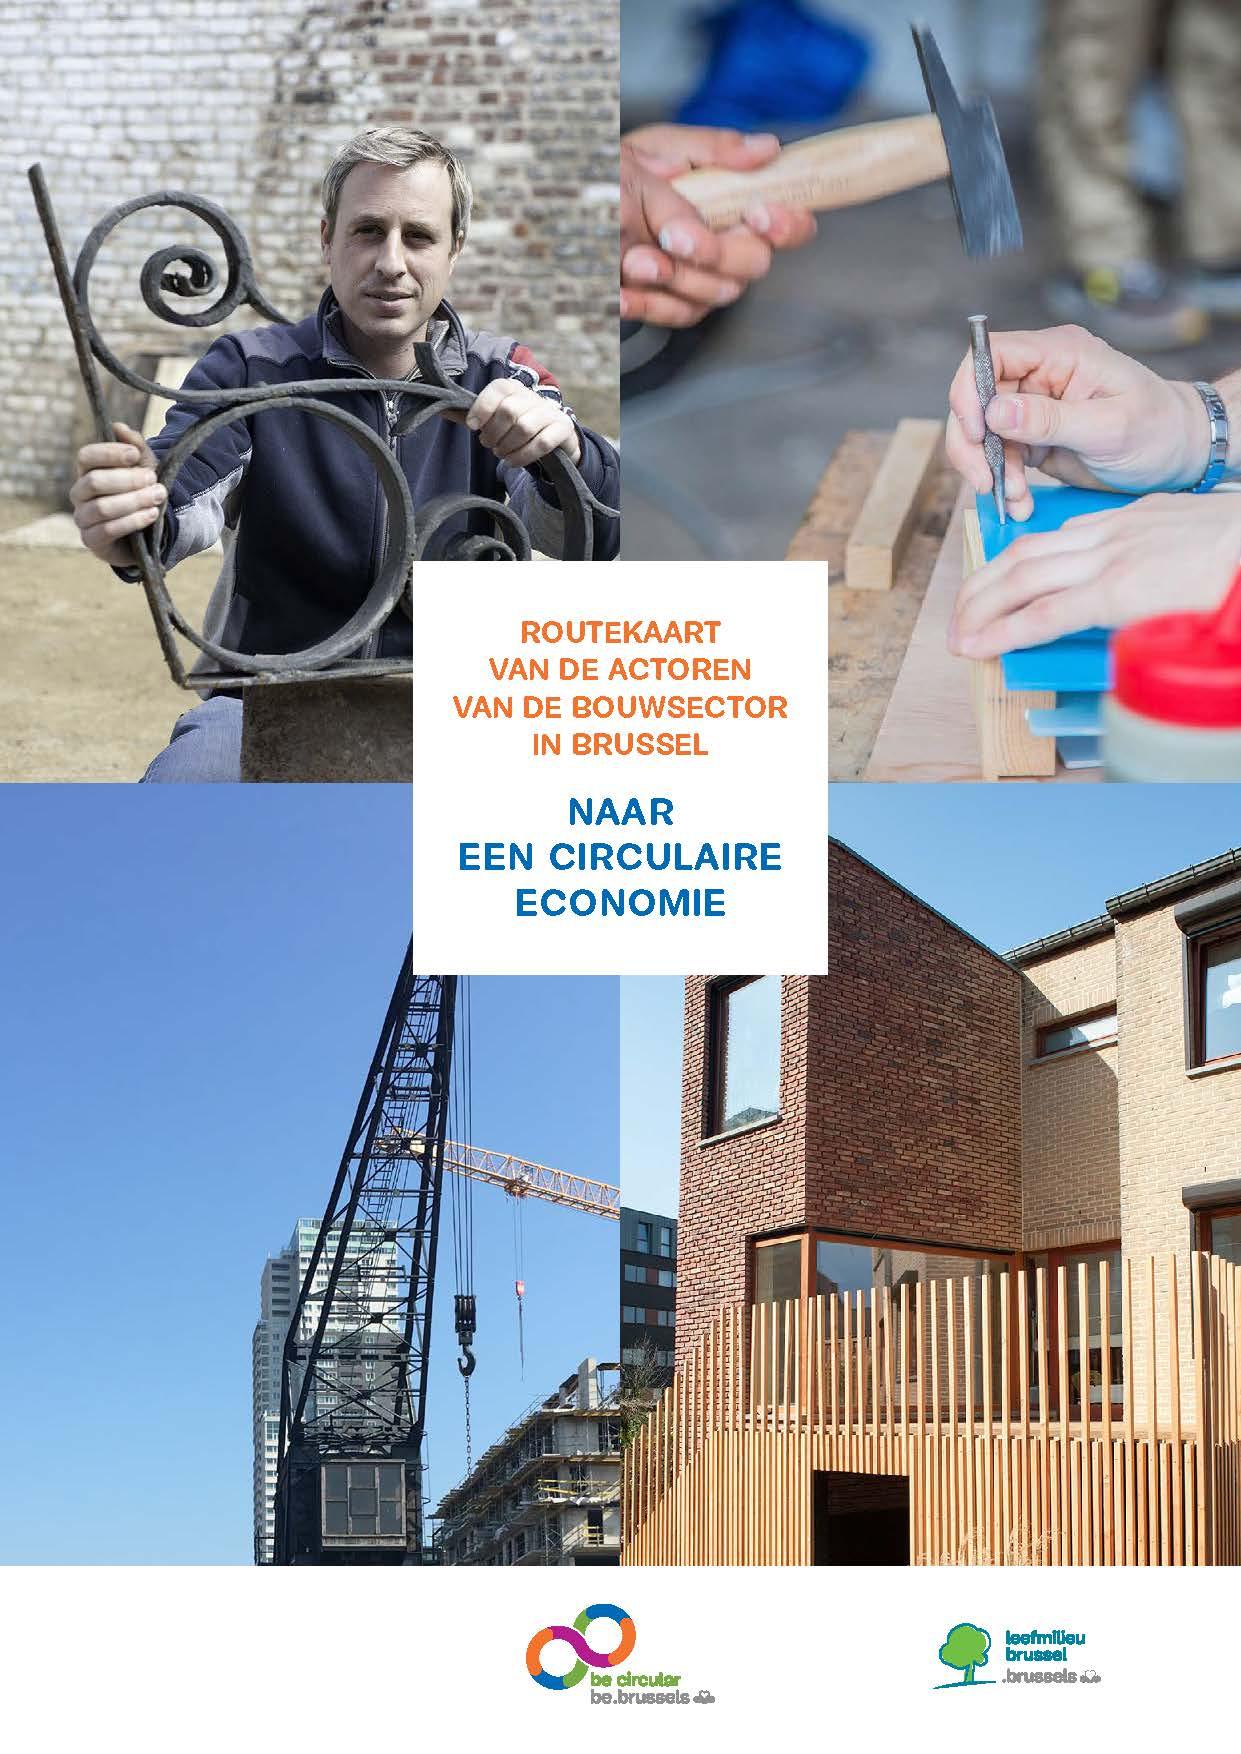 Ontdek de routekaart van de actoren uit de bouwsector naar een circulaire economie!